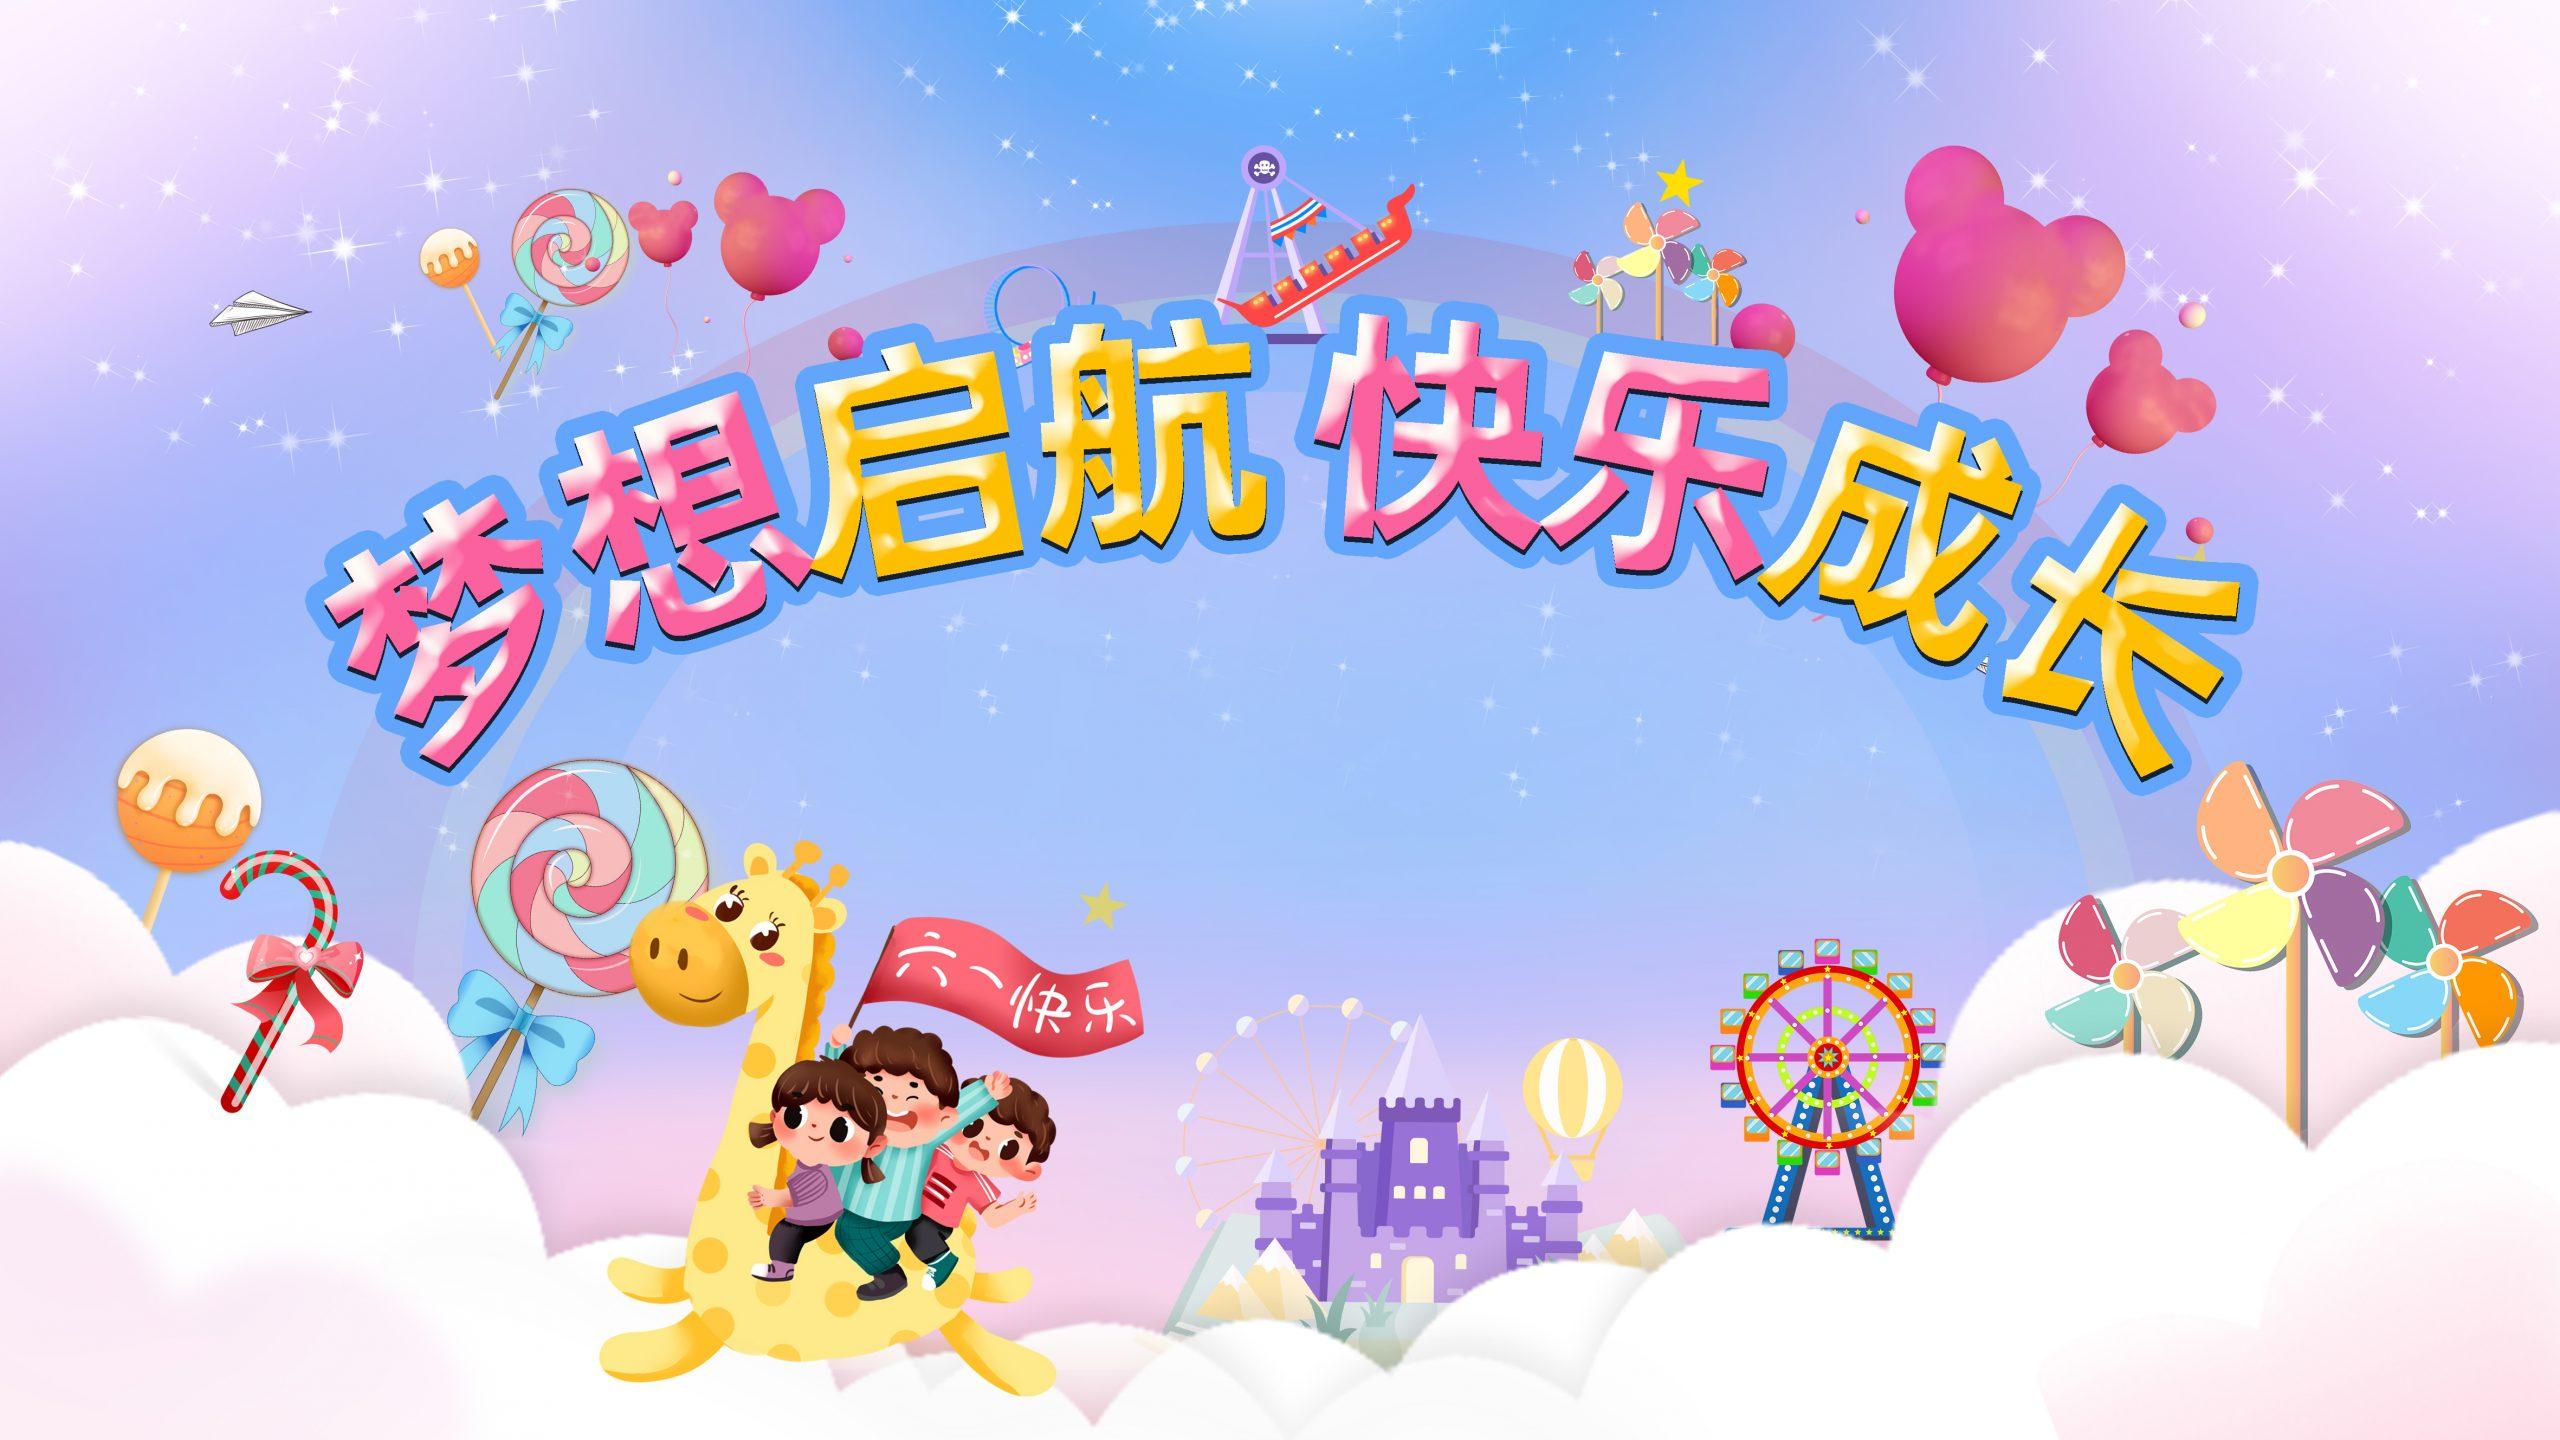 欢度六一,祝小朋友大朋友们儿童节快乐!